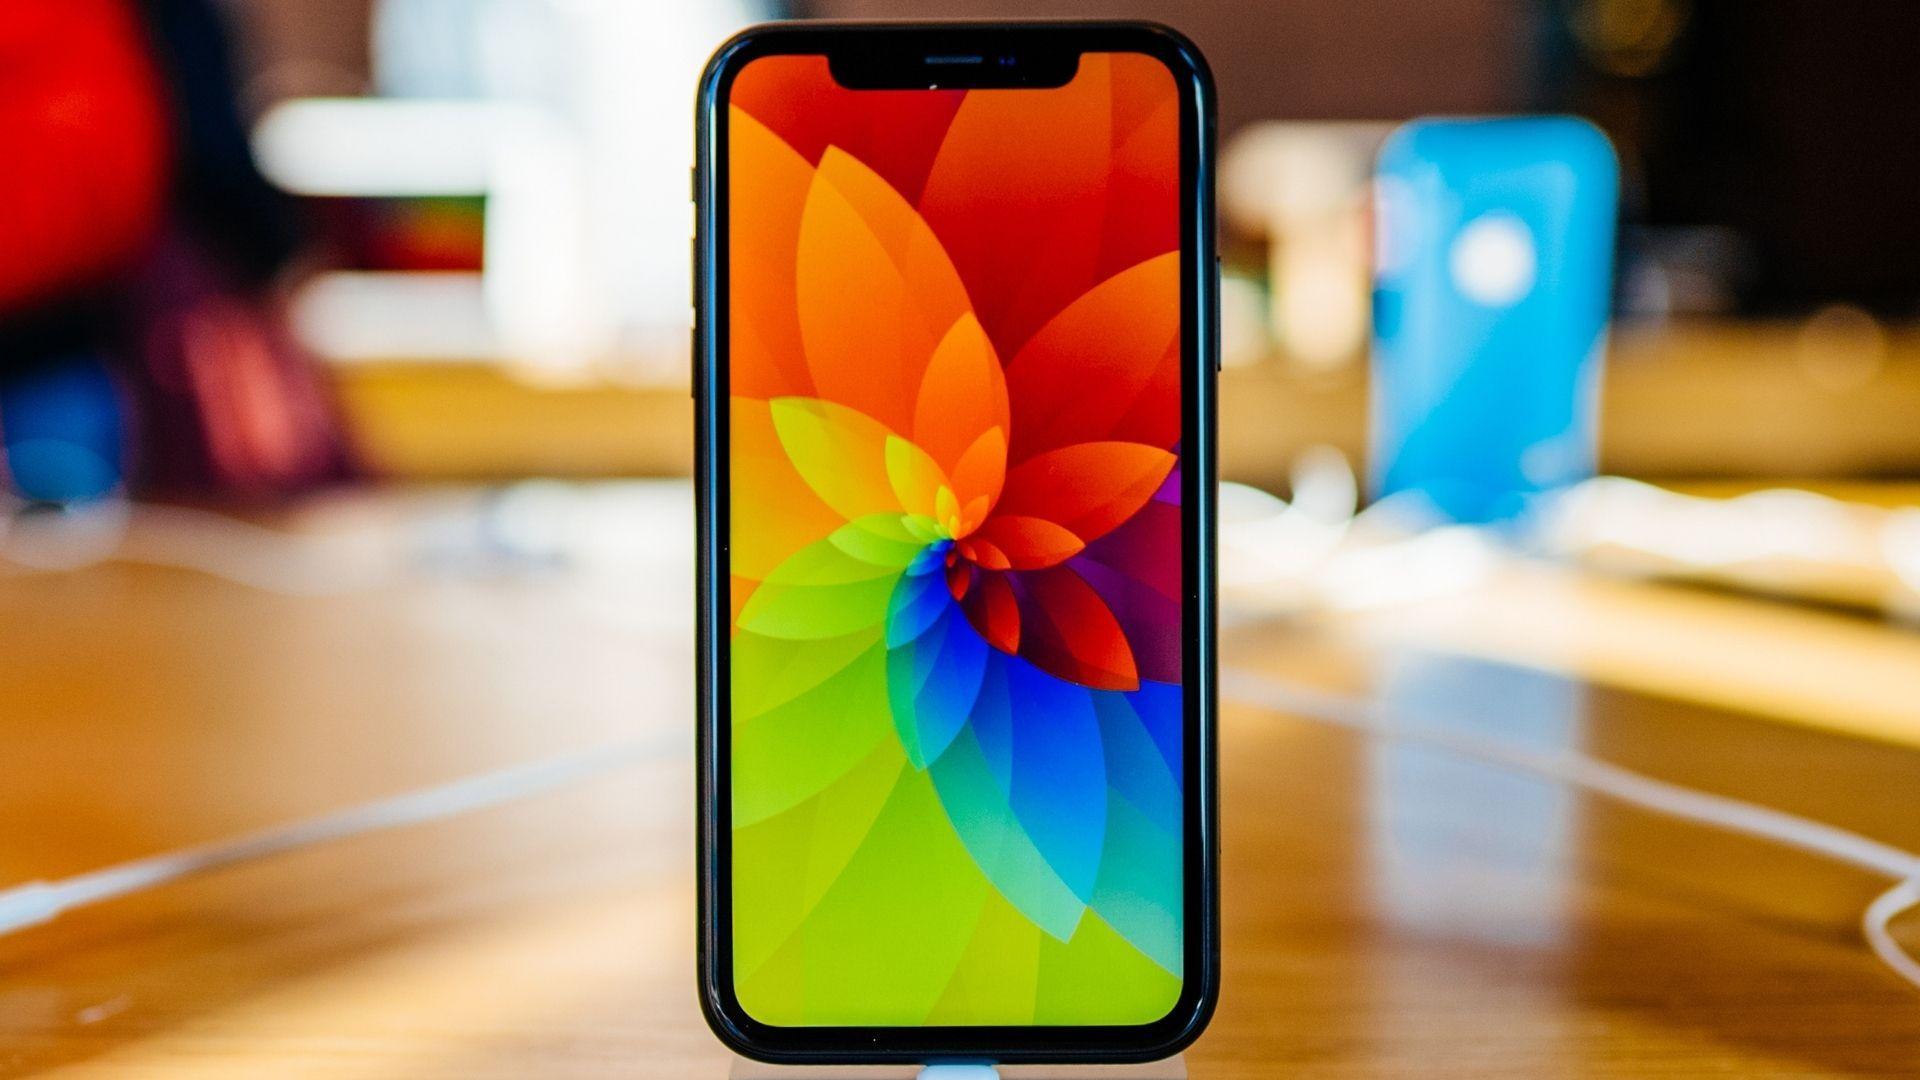 iPhone XR foi lançado em 2018, mas ainda faz sucesso (Foto: Hadrian / Shutterstock.com)